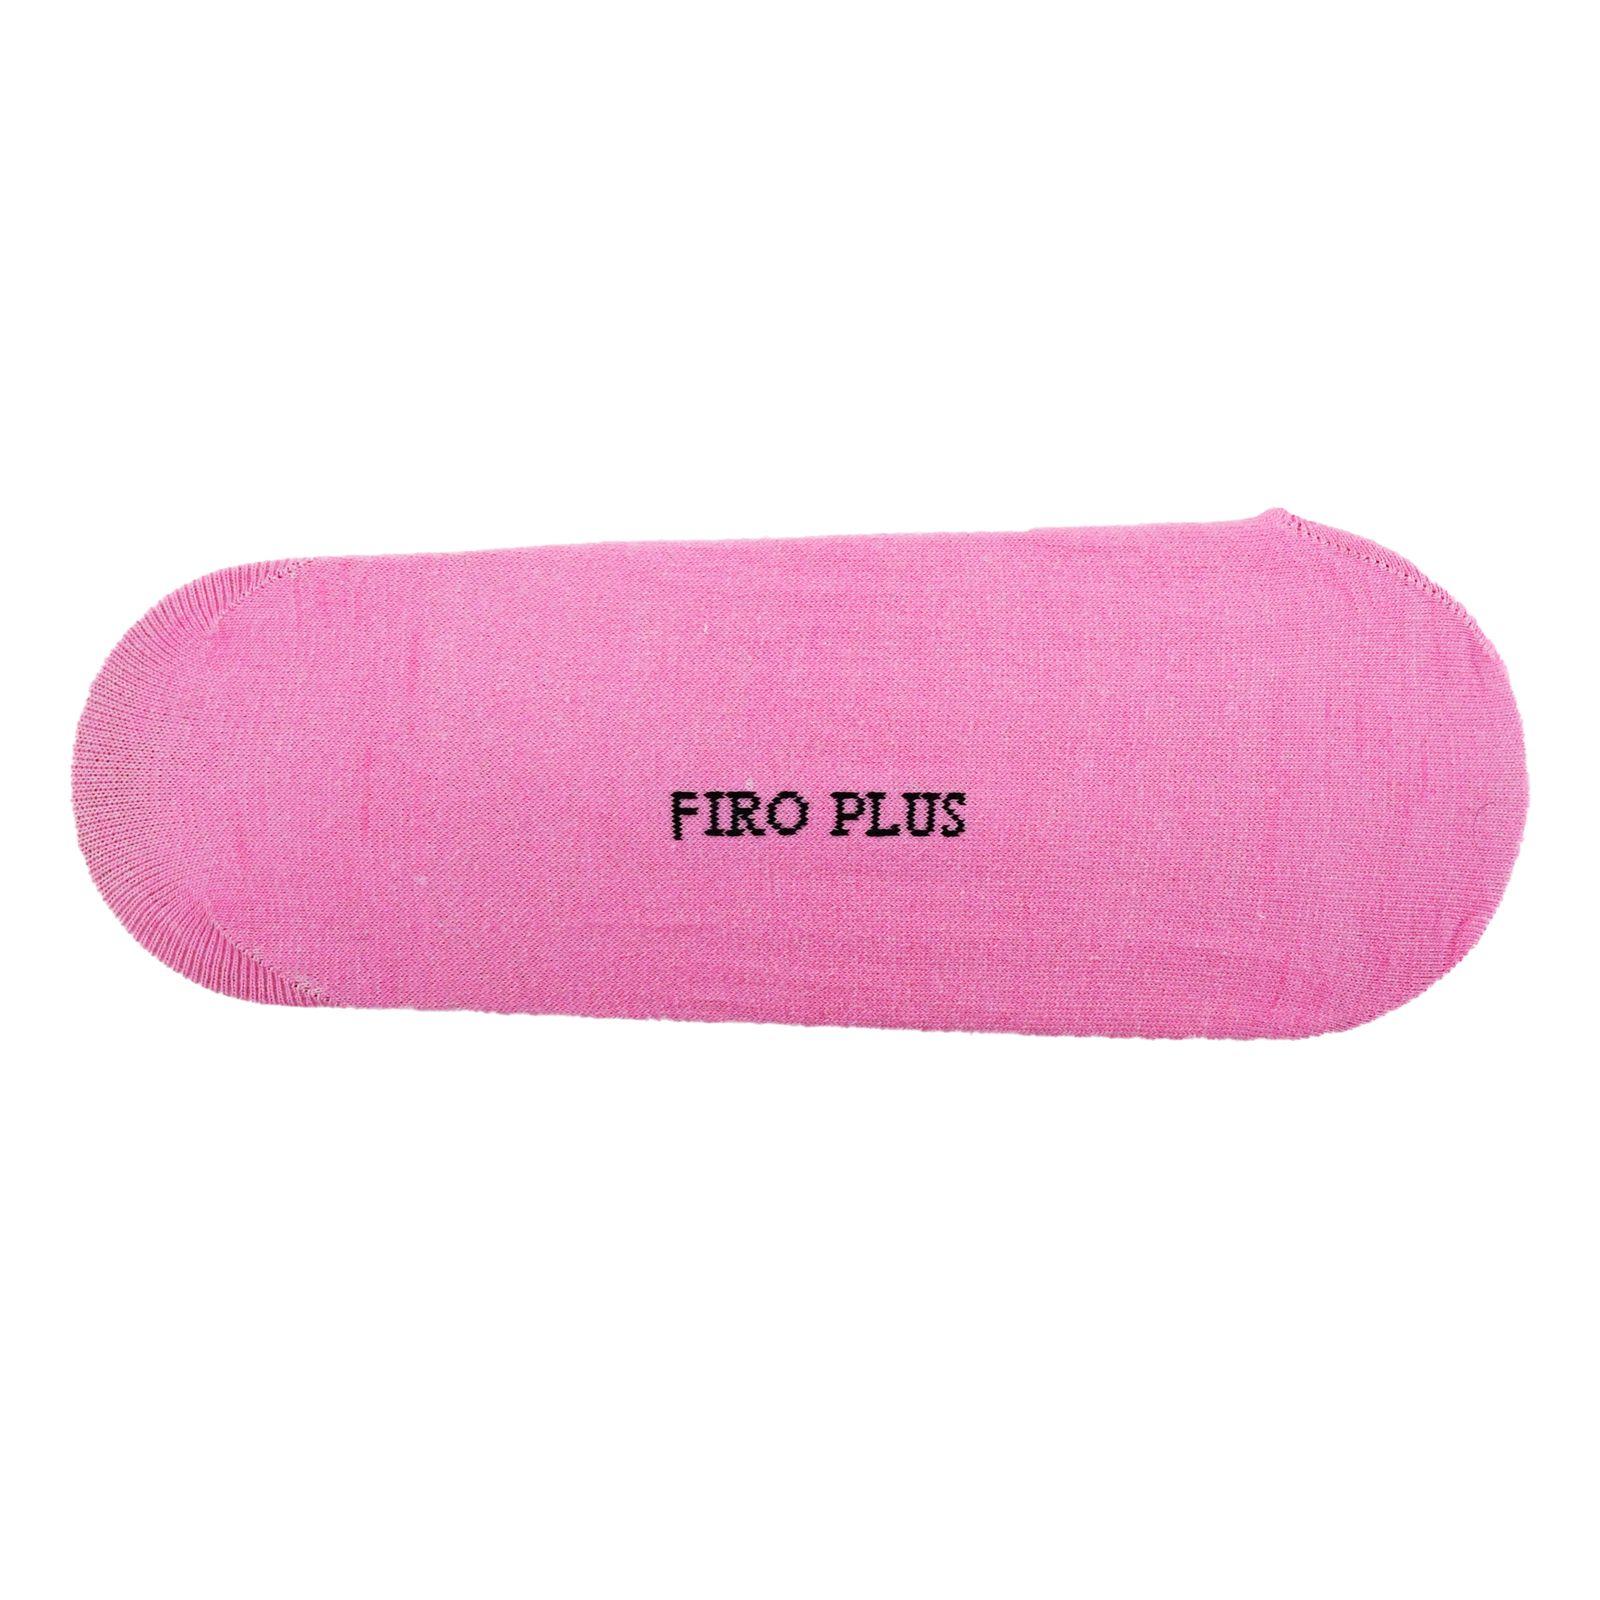 جوراب زنانه فیرو پلاس مدل KL301 مجموعه 3 عددی -  - 2